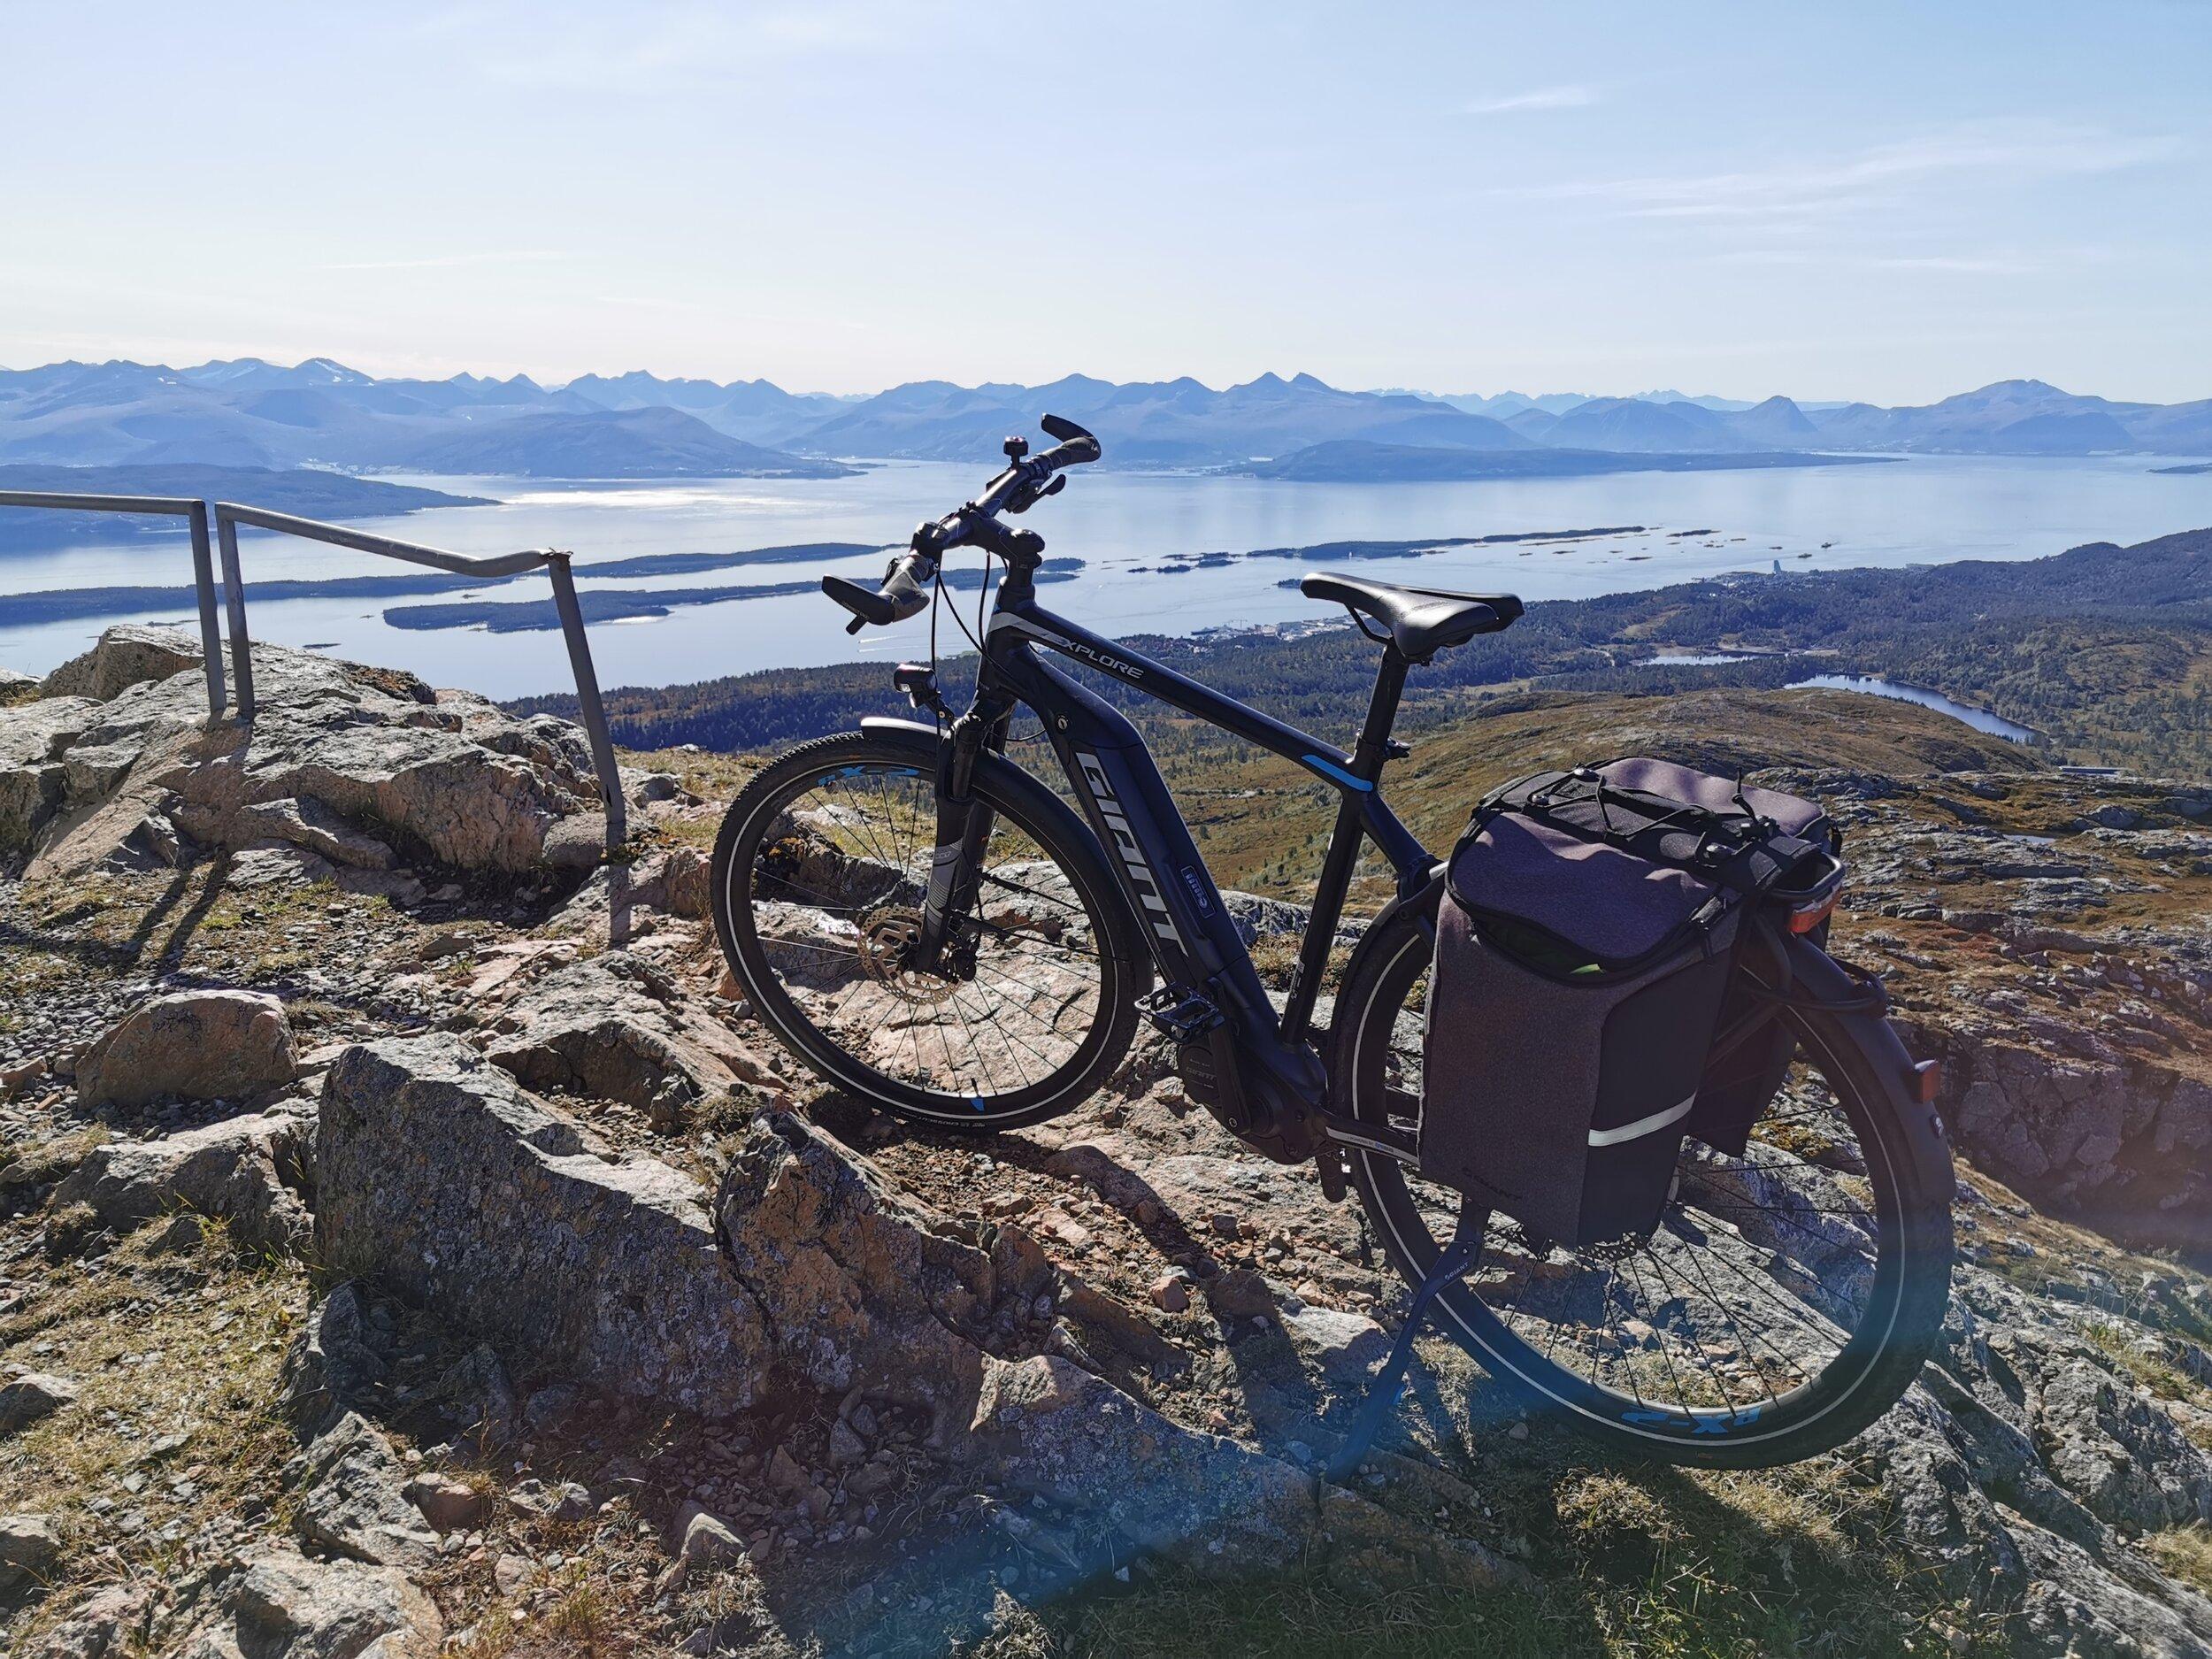 Ubetalelig utsikt. Når man kommer seg hit på sykkel - med lav puls og godt humør. Da er livet lett å leve på Tusten i Molde. Foto: Odd R. Lange